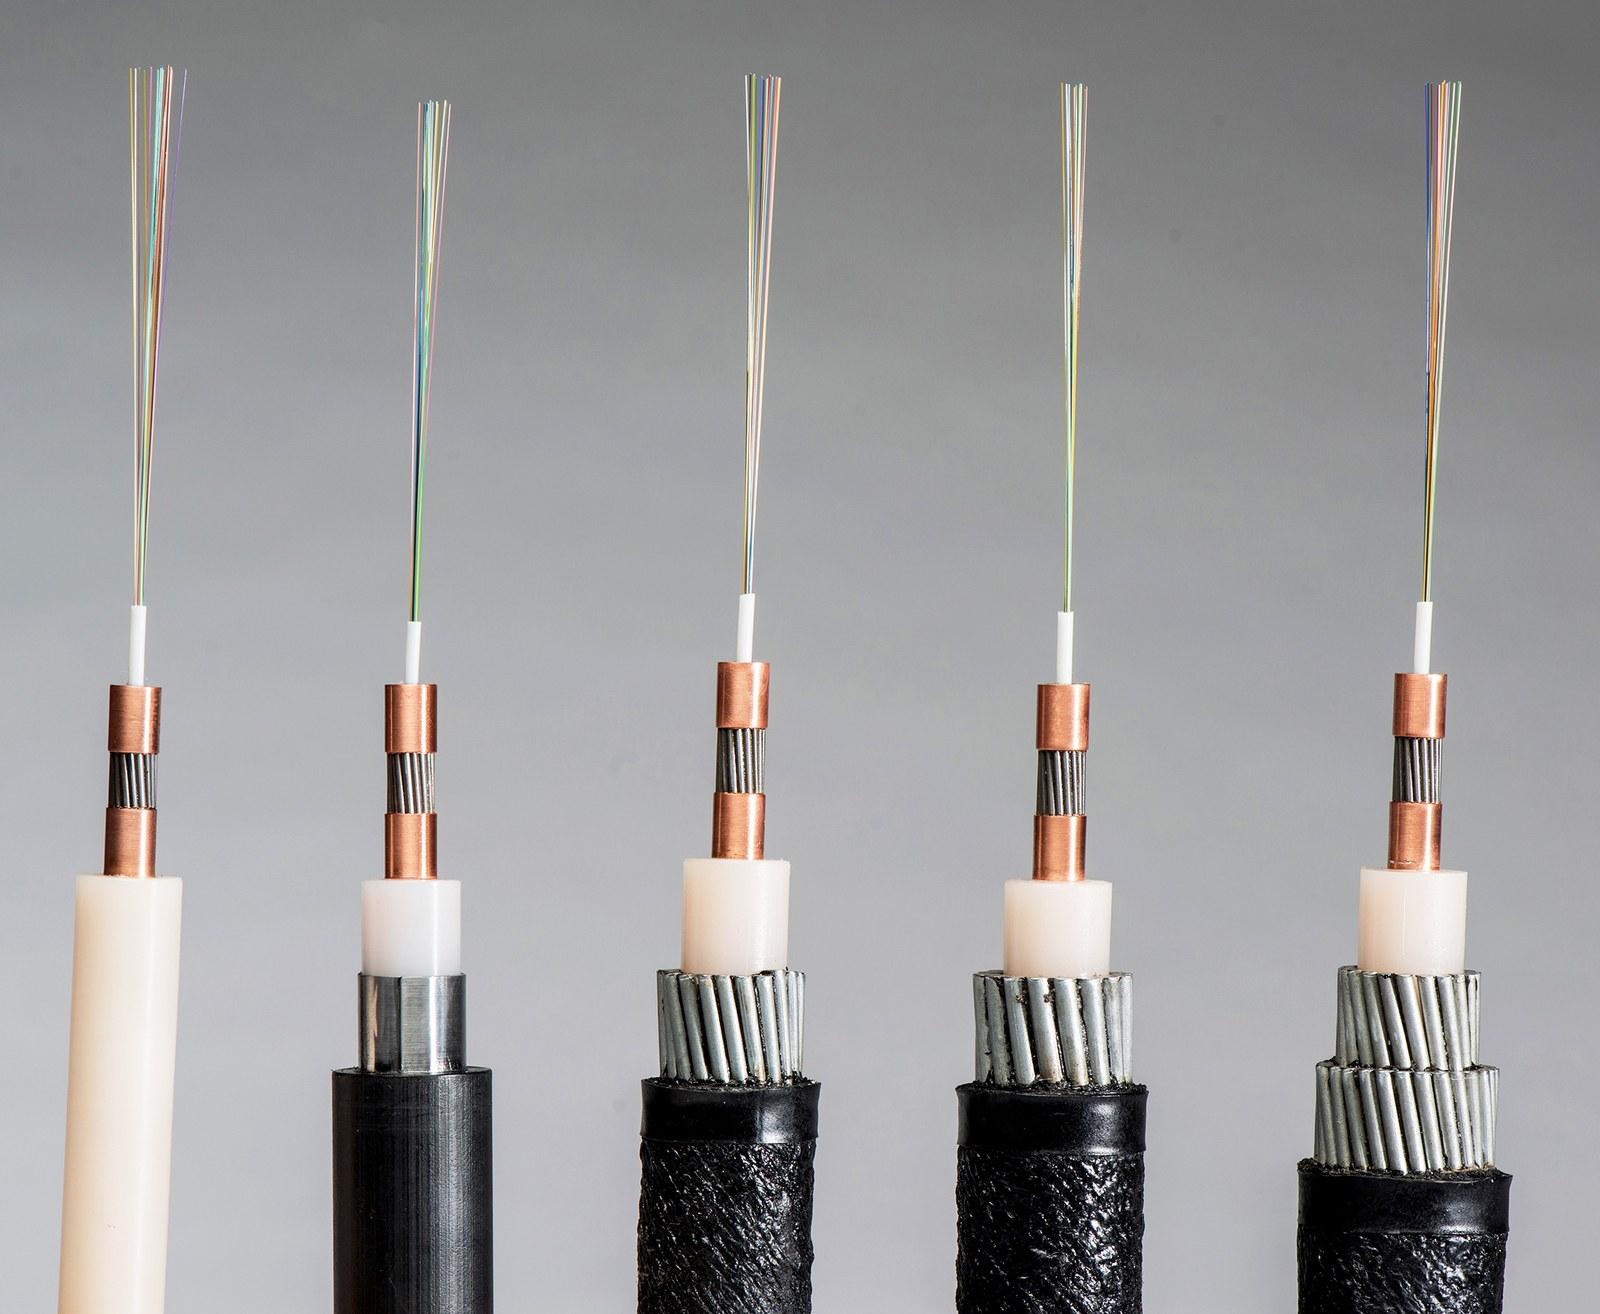 NEC выпустила подводный кабель с рекордными 20 парами оптических волокон - 4